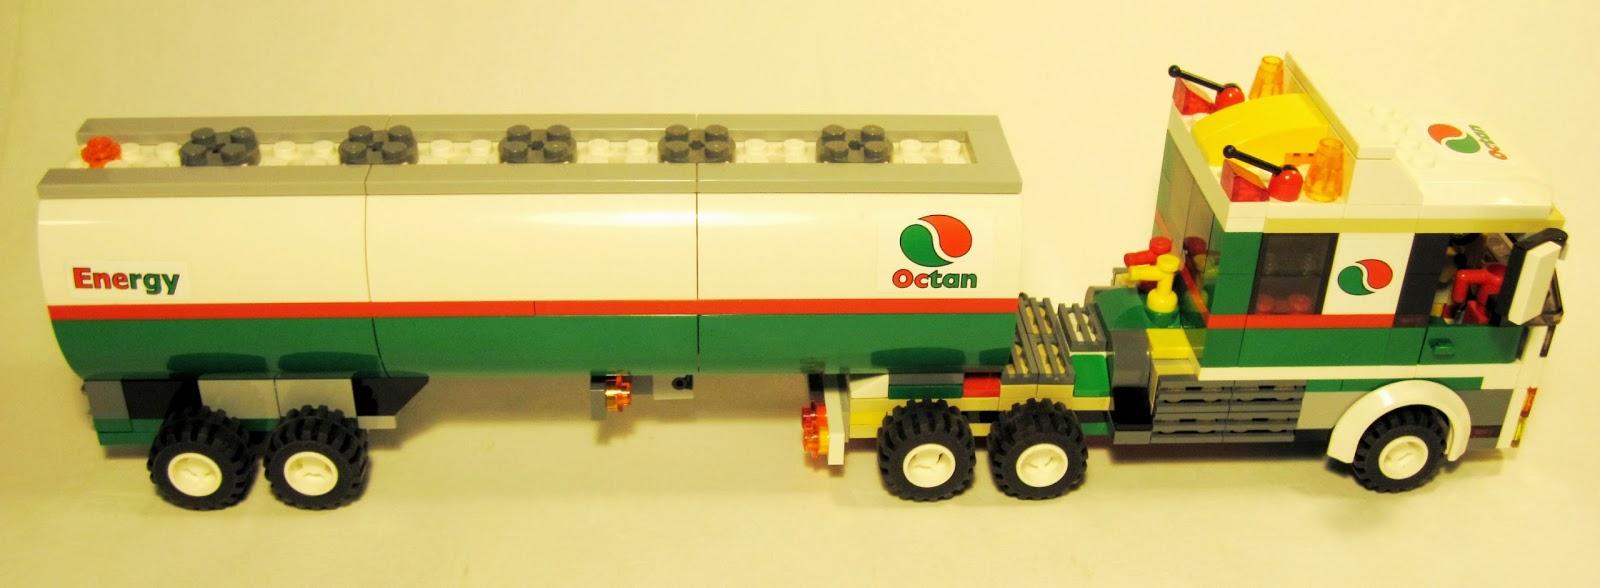 Lego Tractor Trailer : Brickcreator lego octan semi tractor trailer